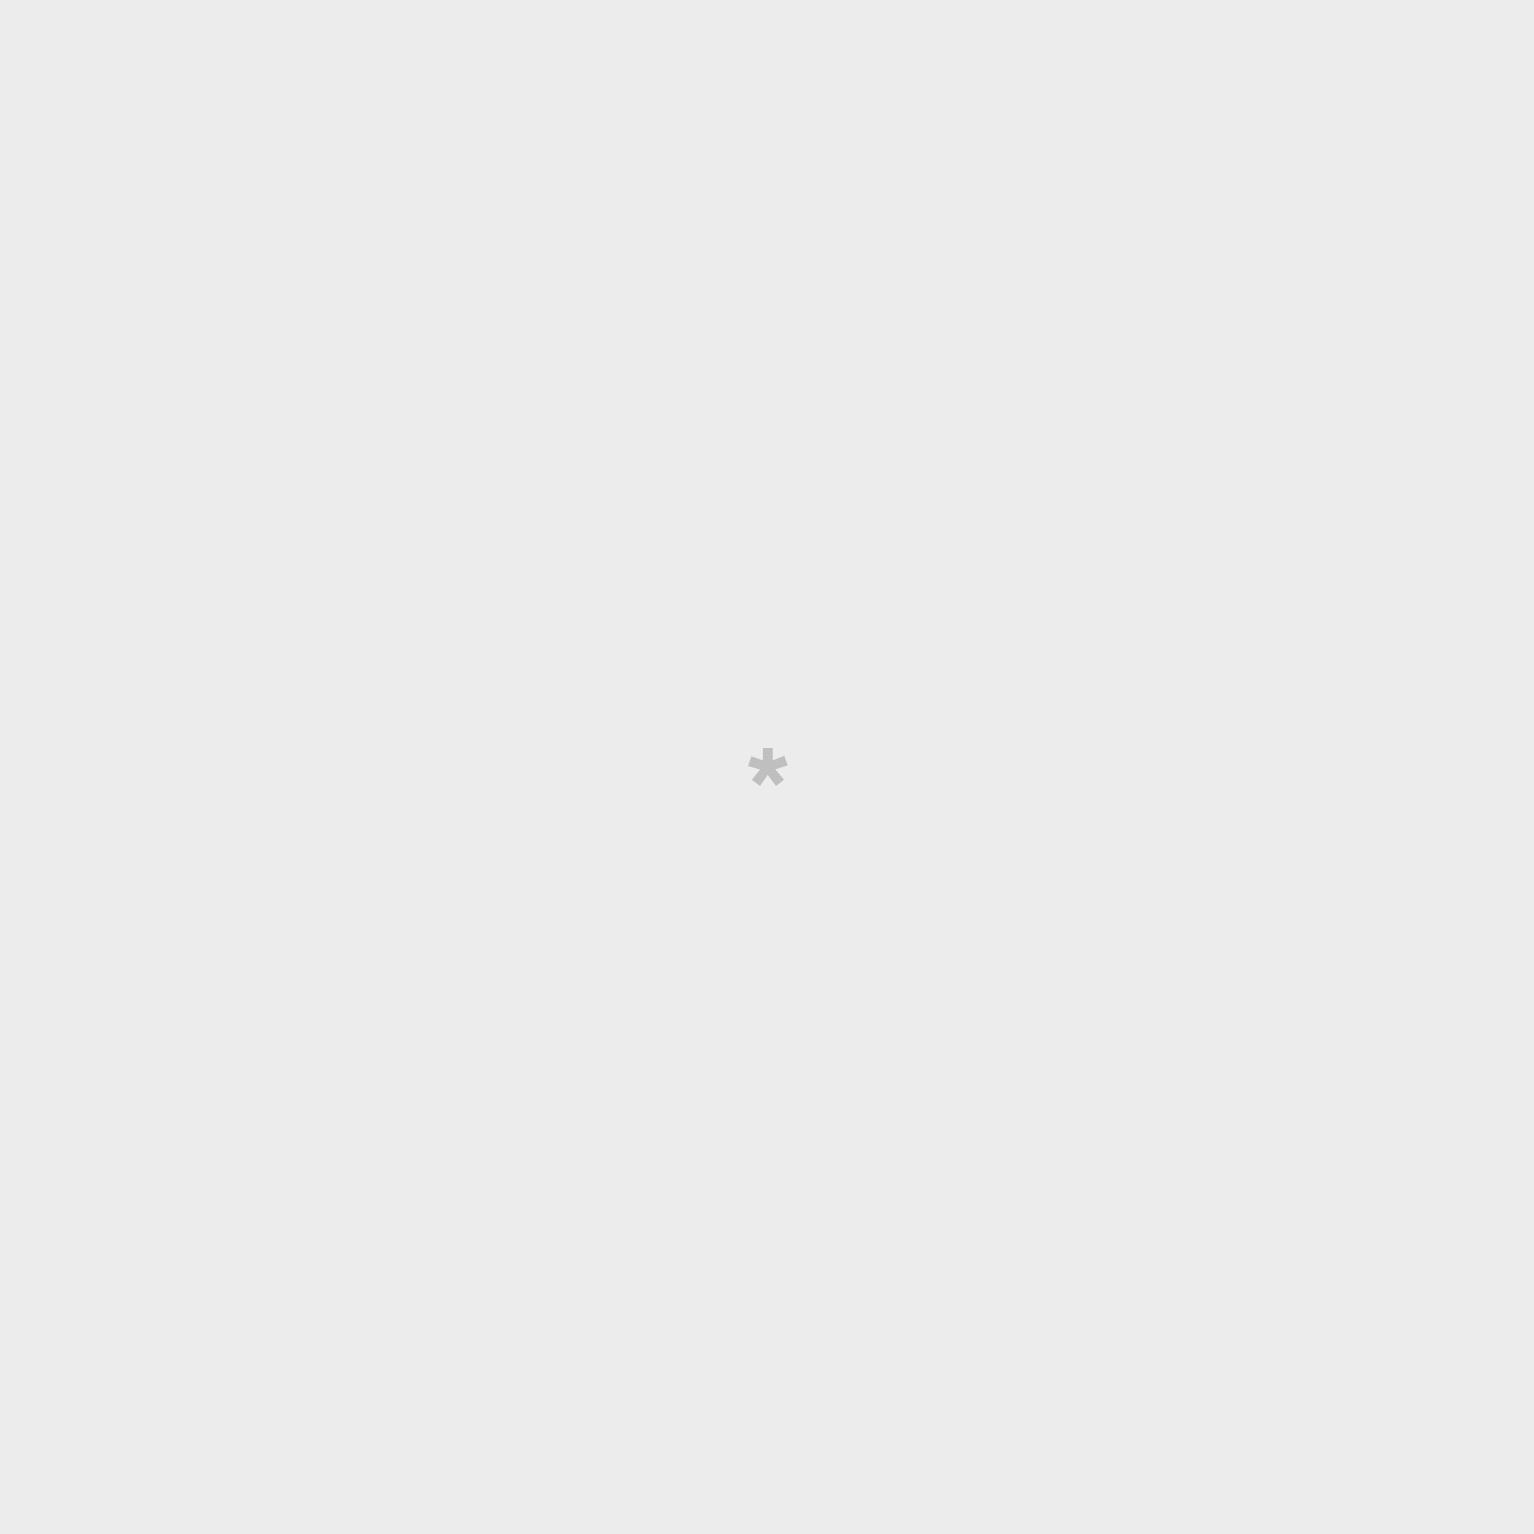 Libro per la migliore amica di sempre: tu especial nuestra amistad.